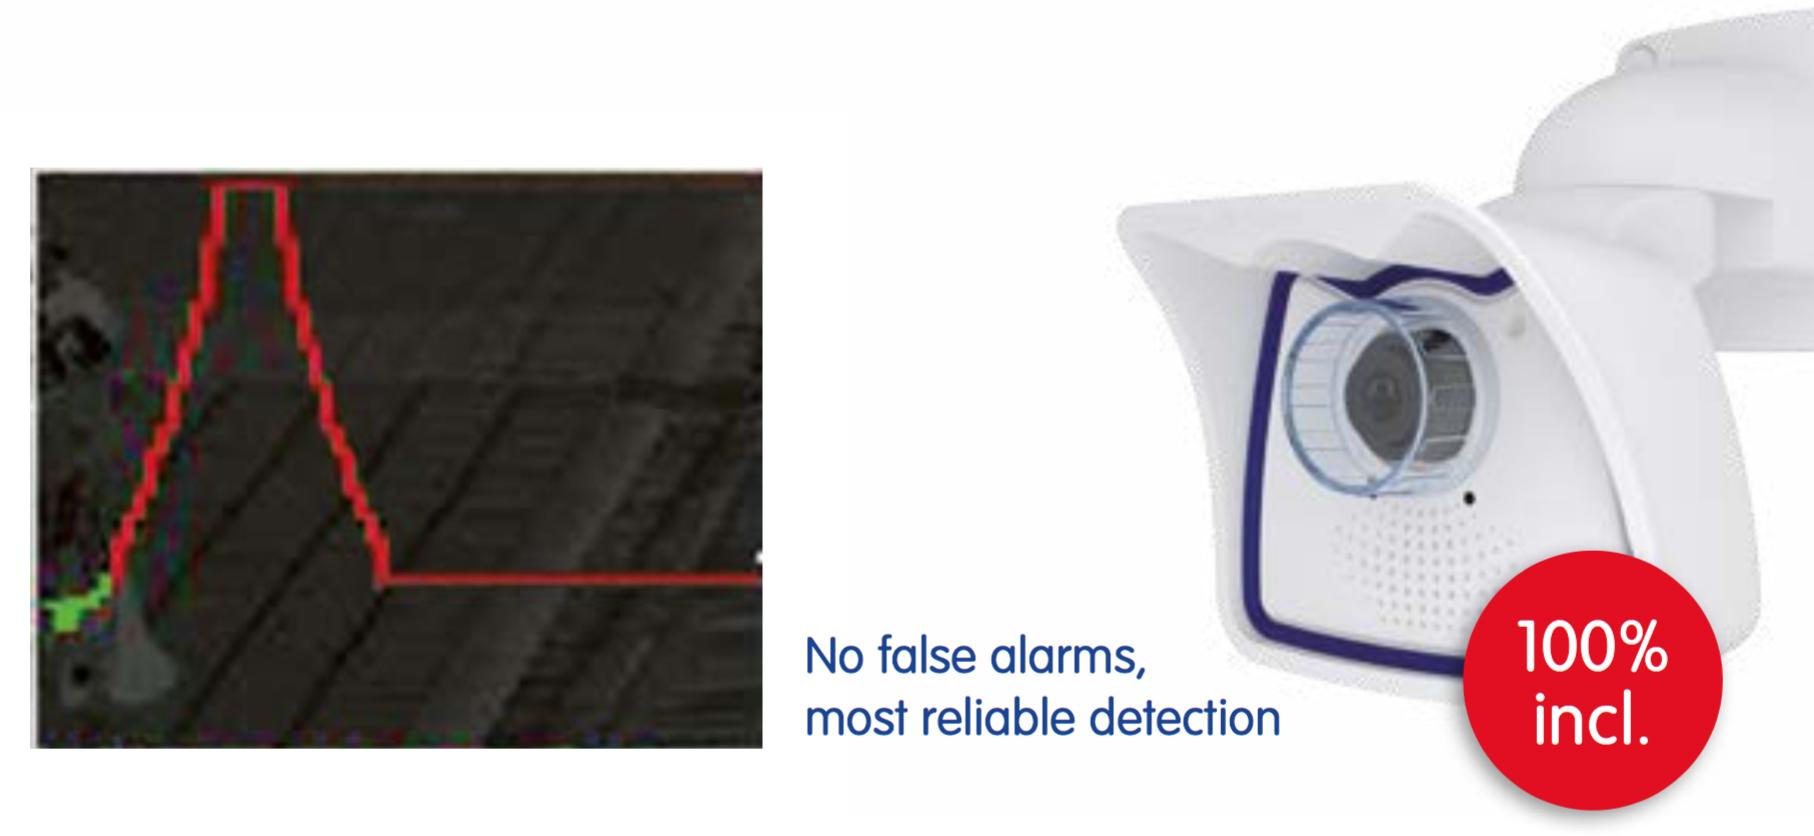 No False Alarm